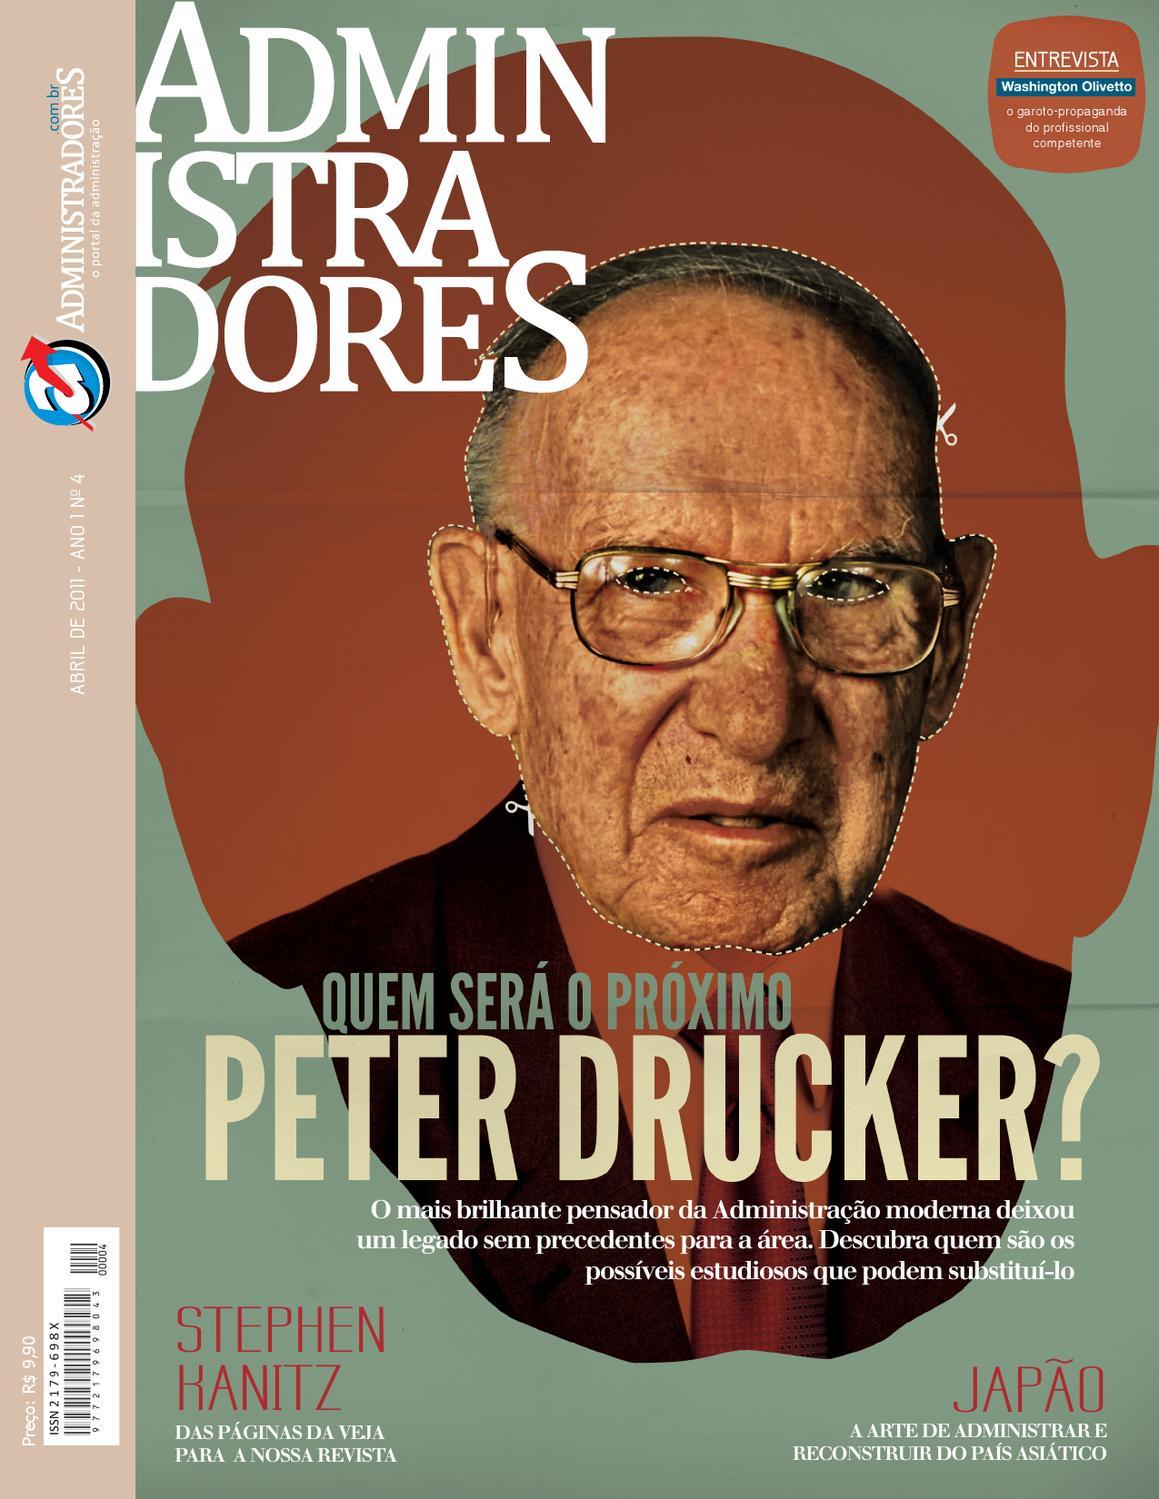 04 Quem Será O Próximo Peter Drucker By Revista Administradores Issuu